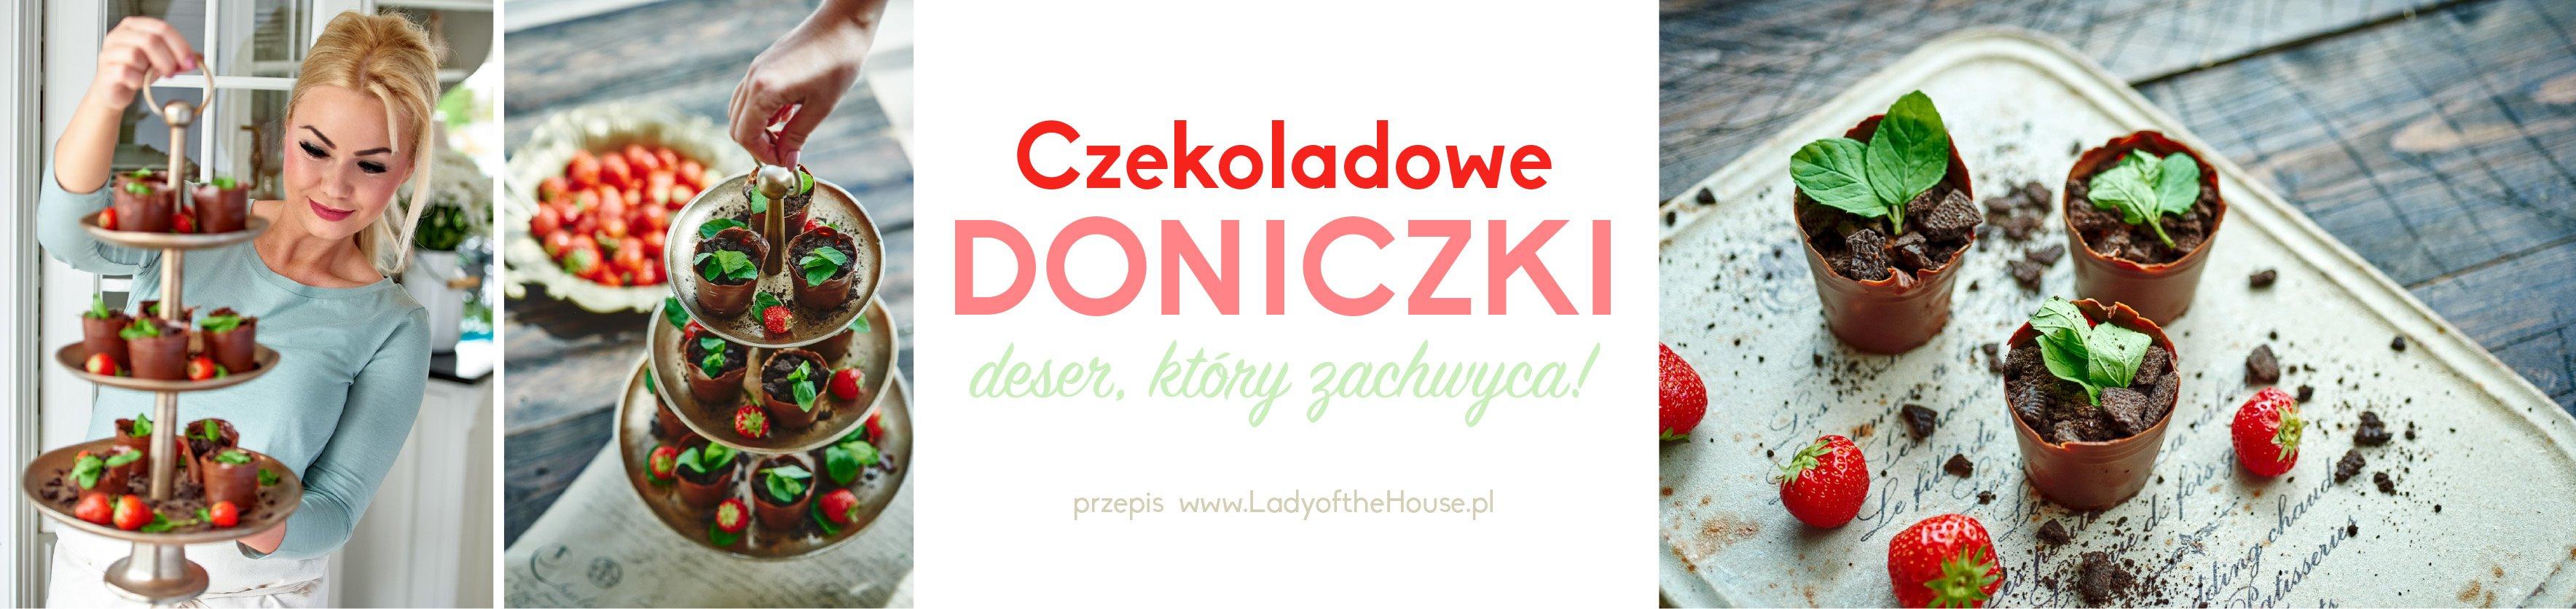 Doniczki Z Czekolady Kwitnące Doniczki Jak Zrobić Doniczki